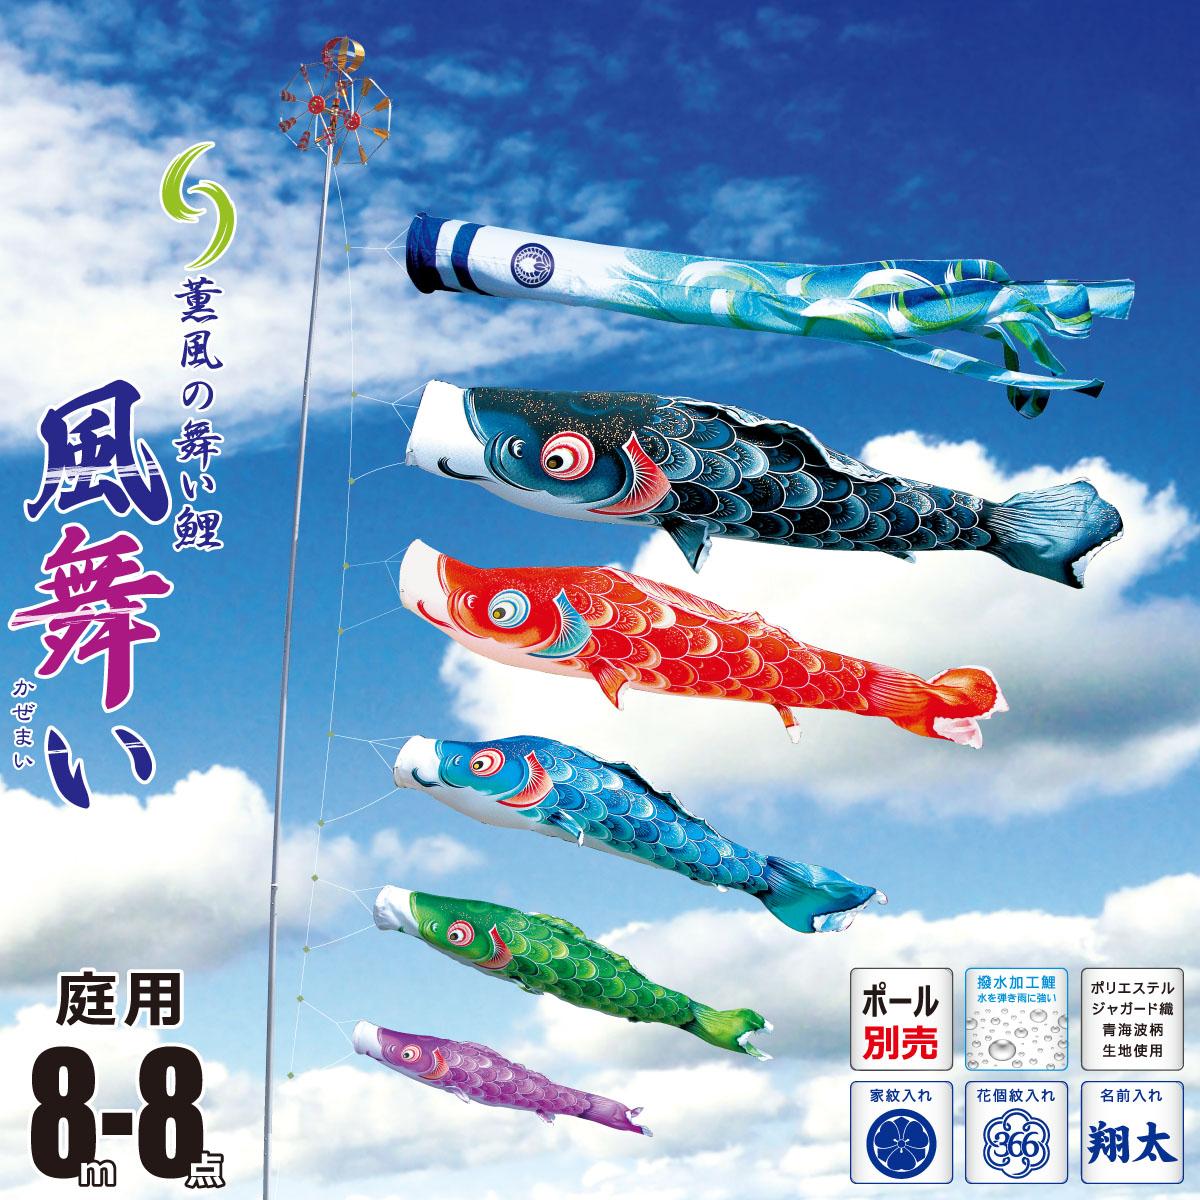 こいのぼり 8m 風舞い 8点 (矢車、ロープ、吹流し、鯉5匹) 庭園用 (ポール別売り) 徳永鯉のぼり KIT-000-802